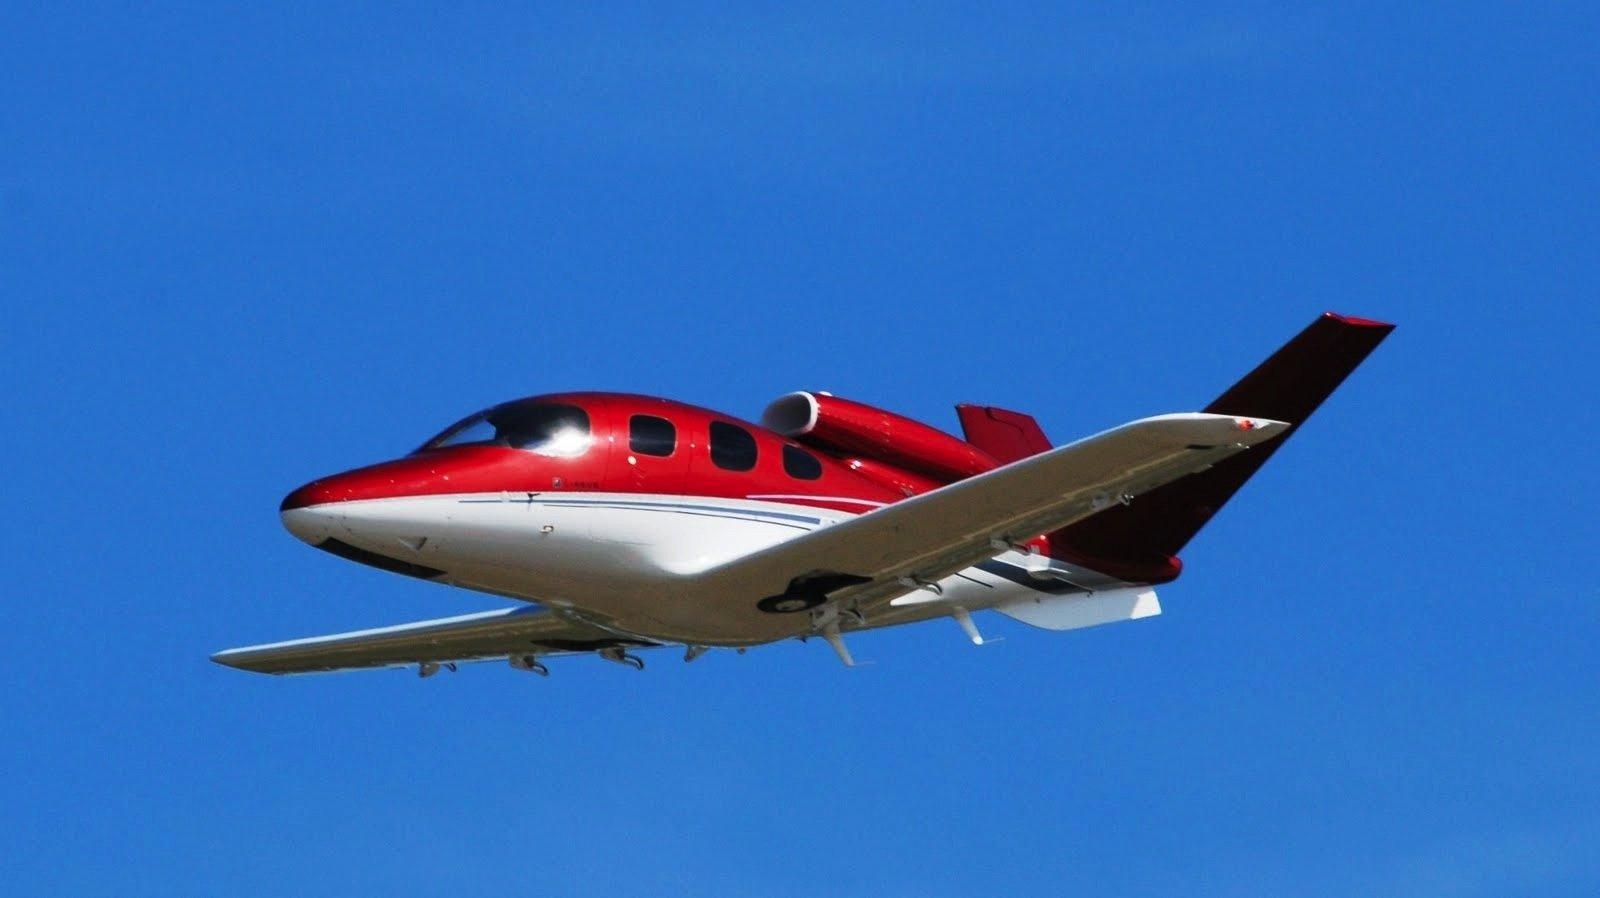 Den Mini-Jet Cirrus Vision SF50 gibt es jetzt mit Rettungsfallschirm für das Flugzeug.